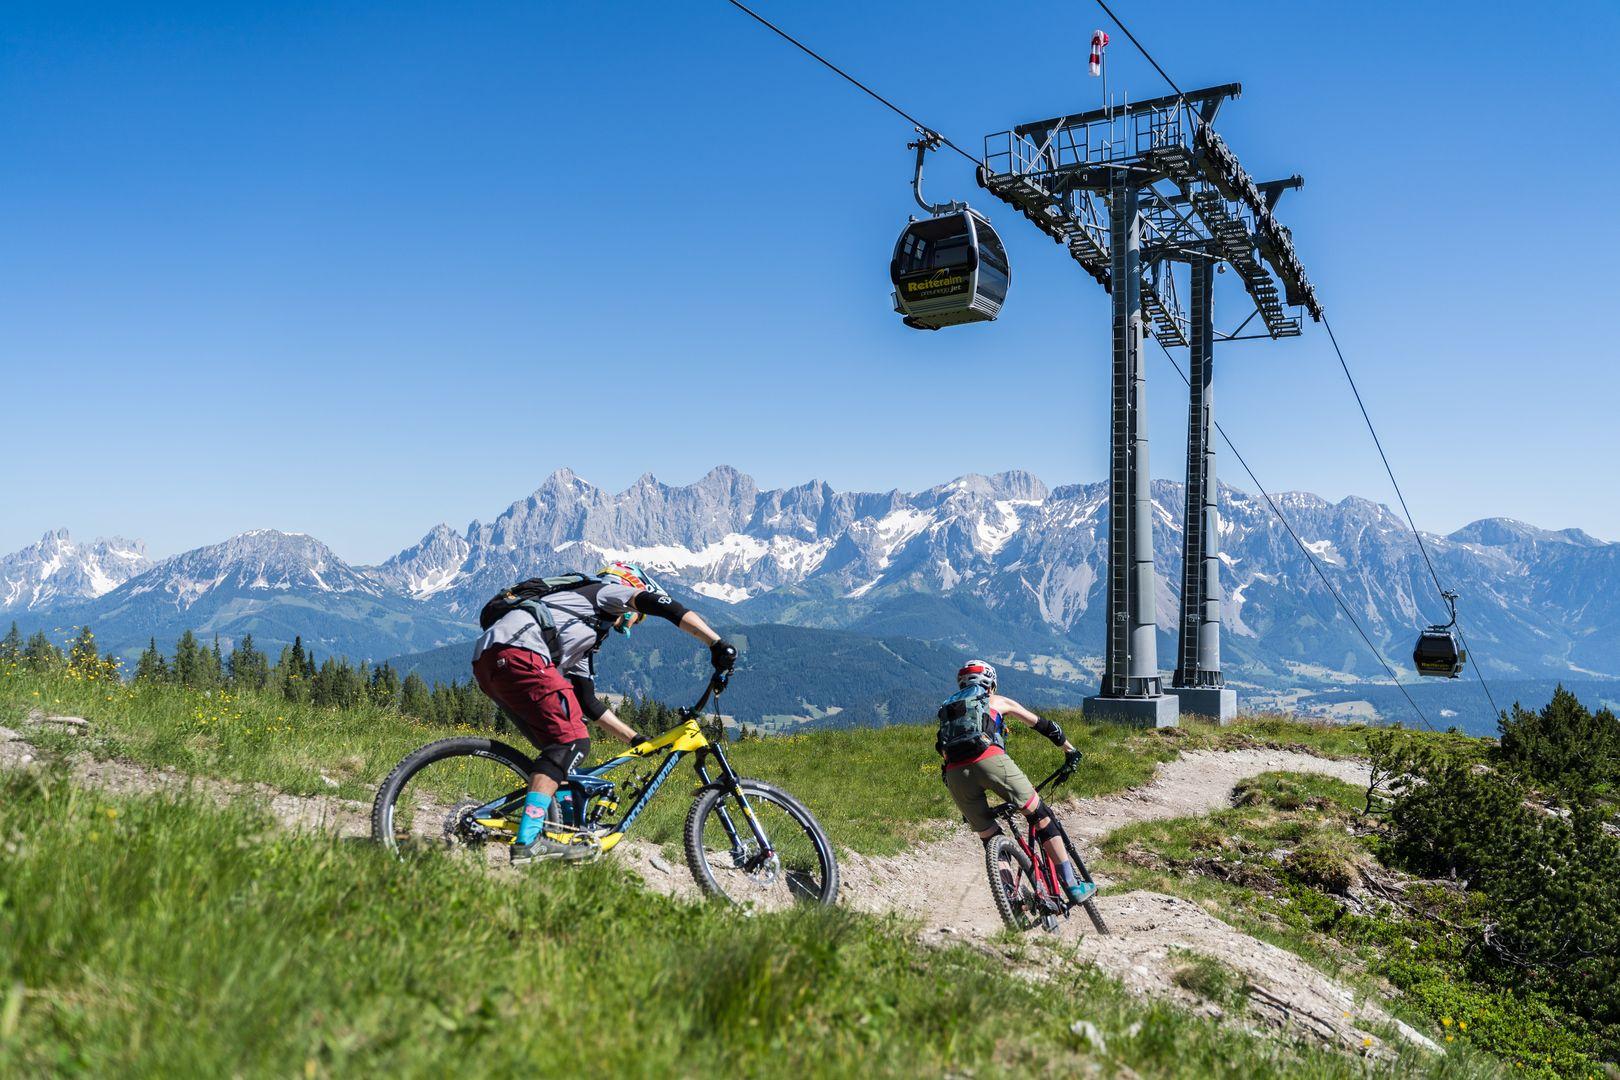 Bike Trails gibt es auf der Reiteralm in unterschiedlichen Schwierigkeitsgraden.